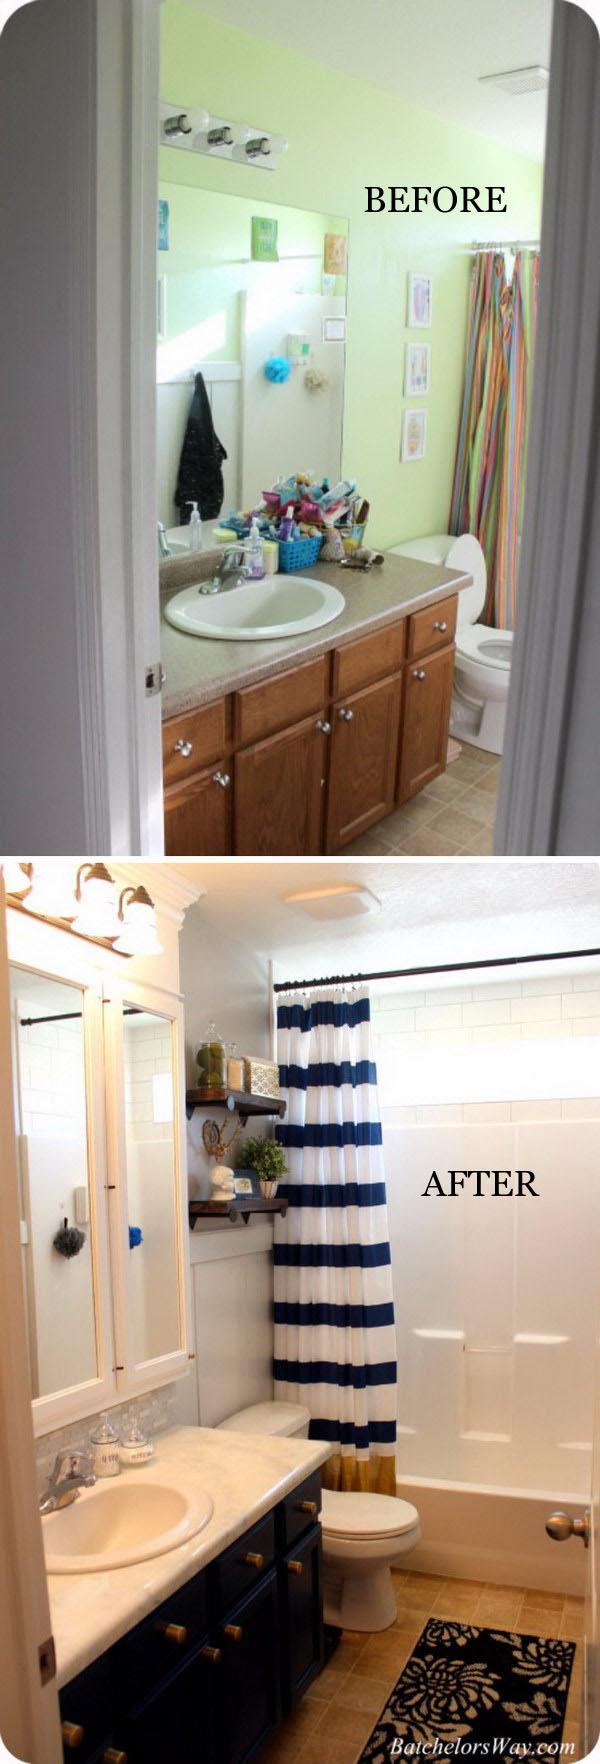 Crisp Modern Bathroom Remodel on a Budget.